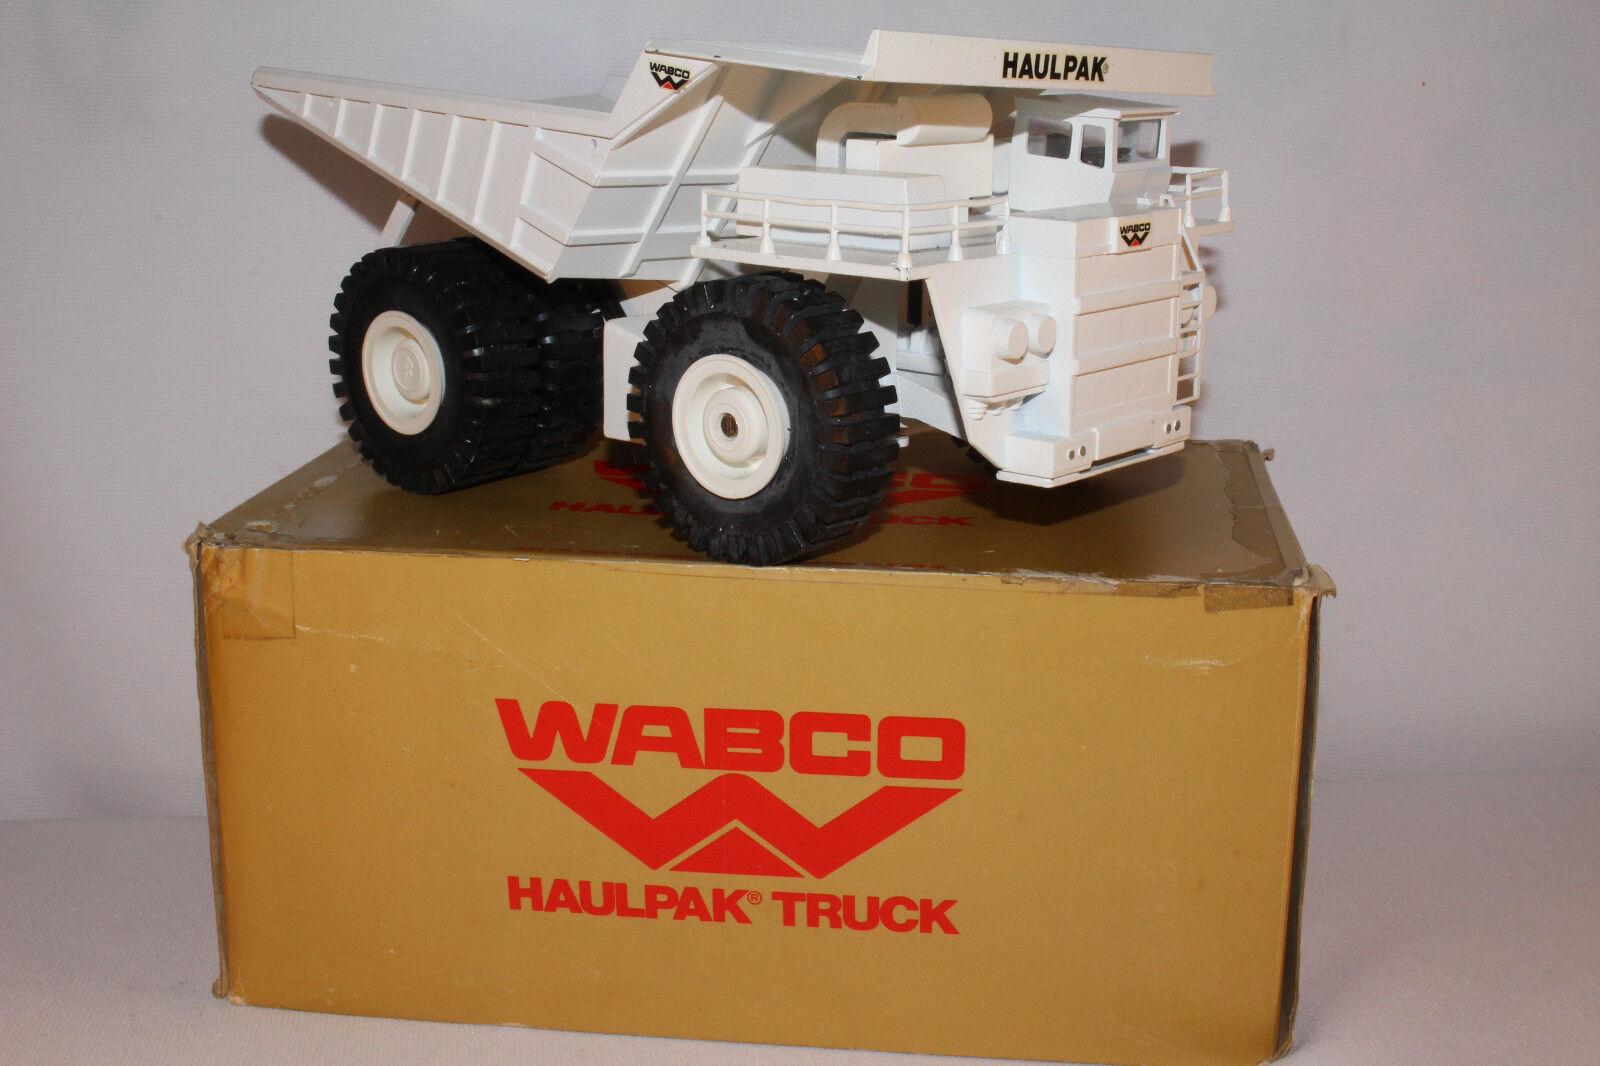 Conrad Wabco Haulpak Data Mining Camion - 1 50 Scala Nice con Scatola